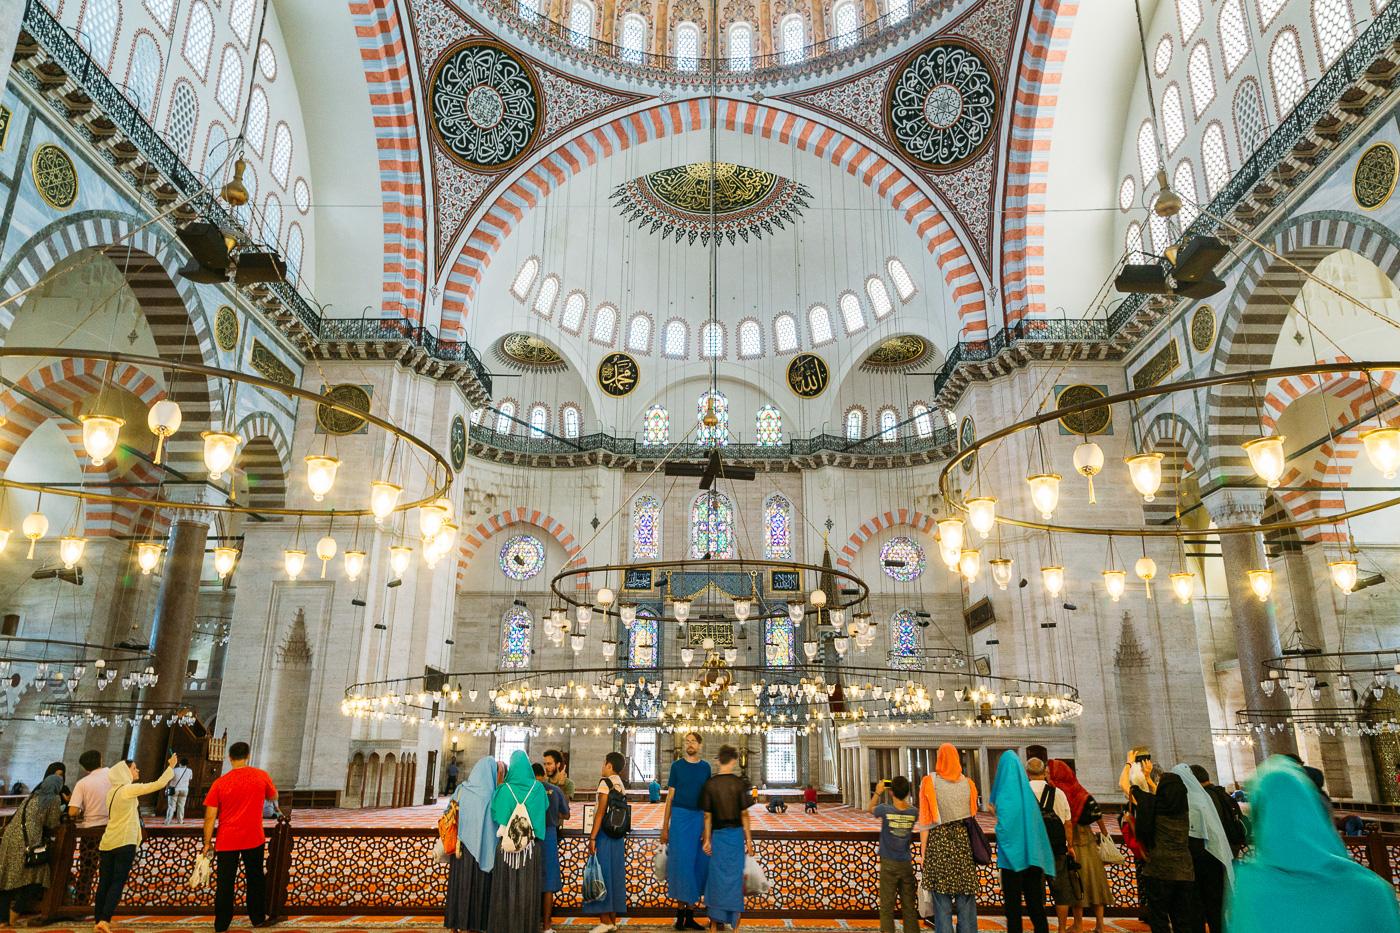 A visit to Süleymaniye in Istanbul, Turkey